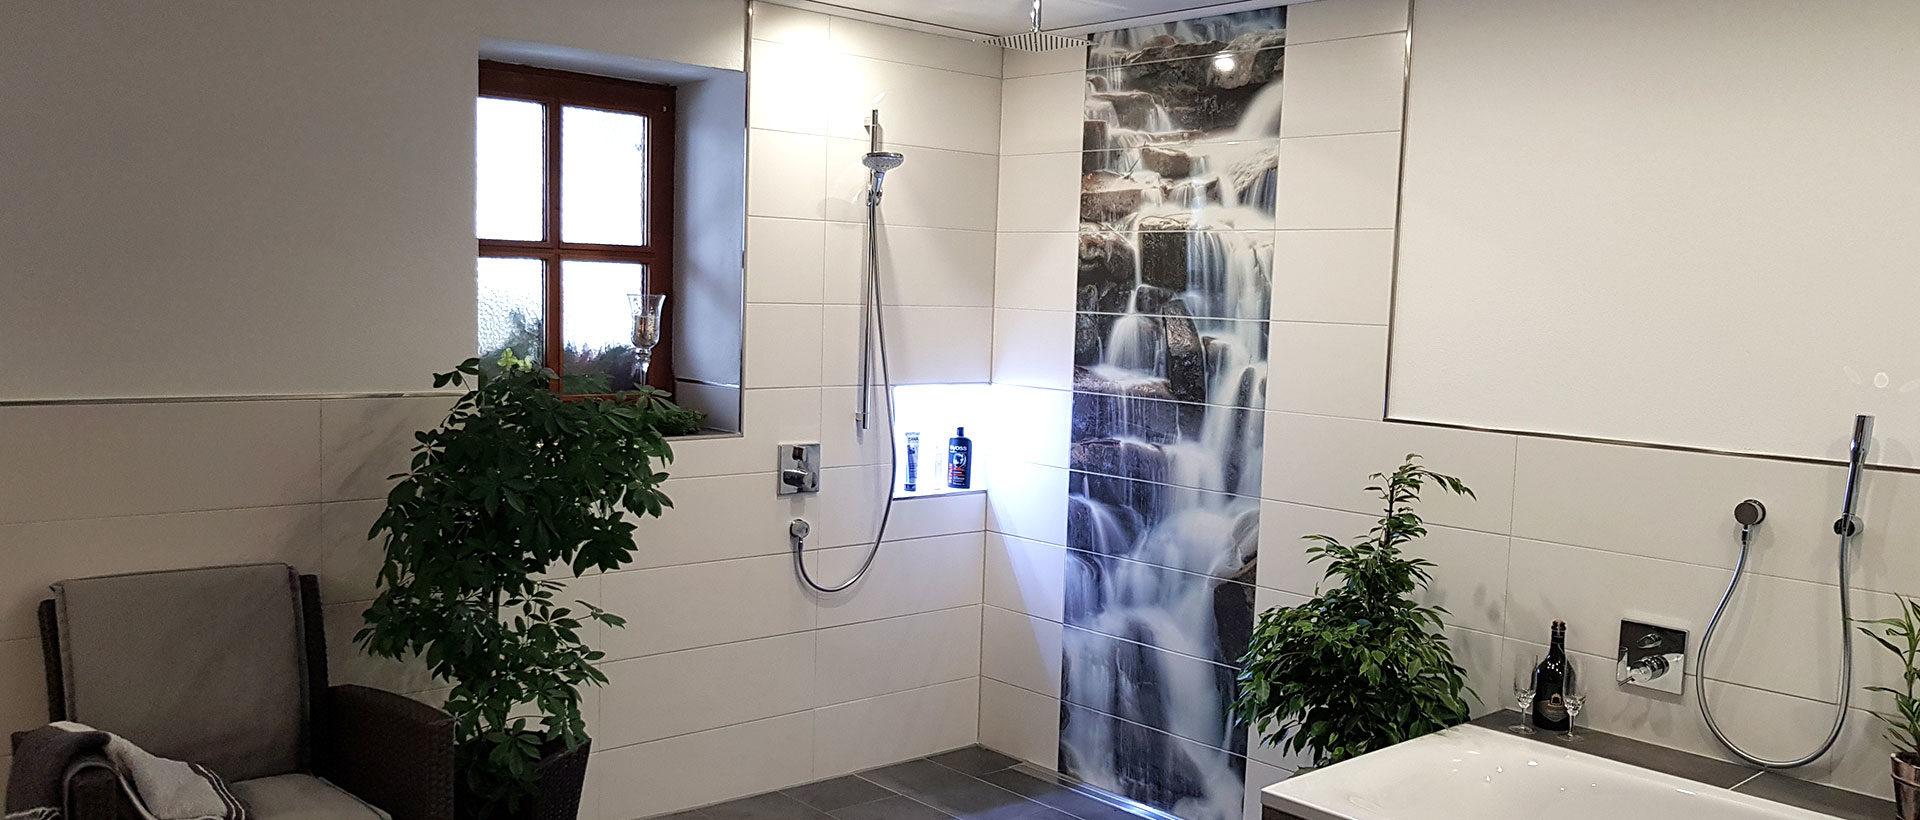 Bedruckte Fliesen in der Dusche